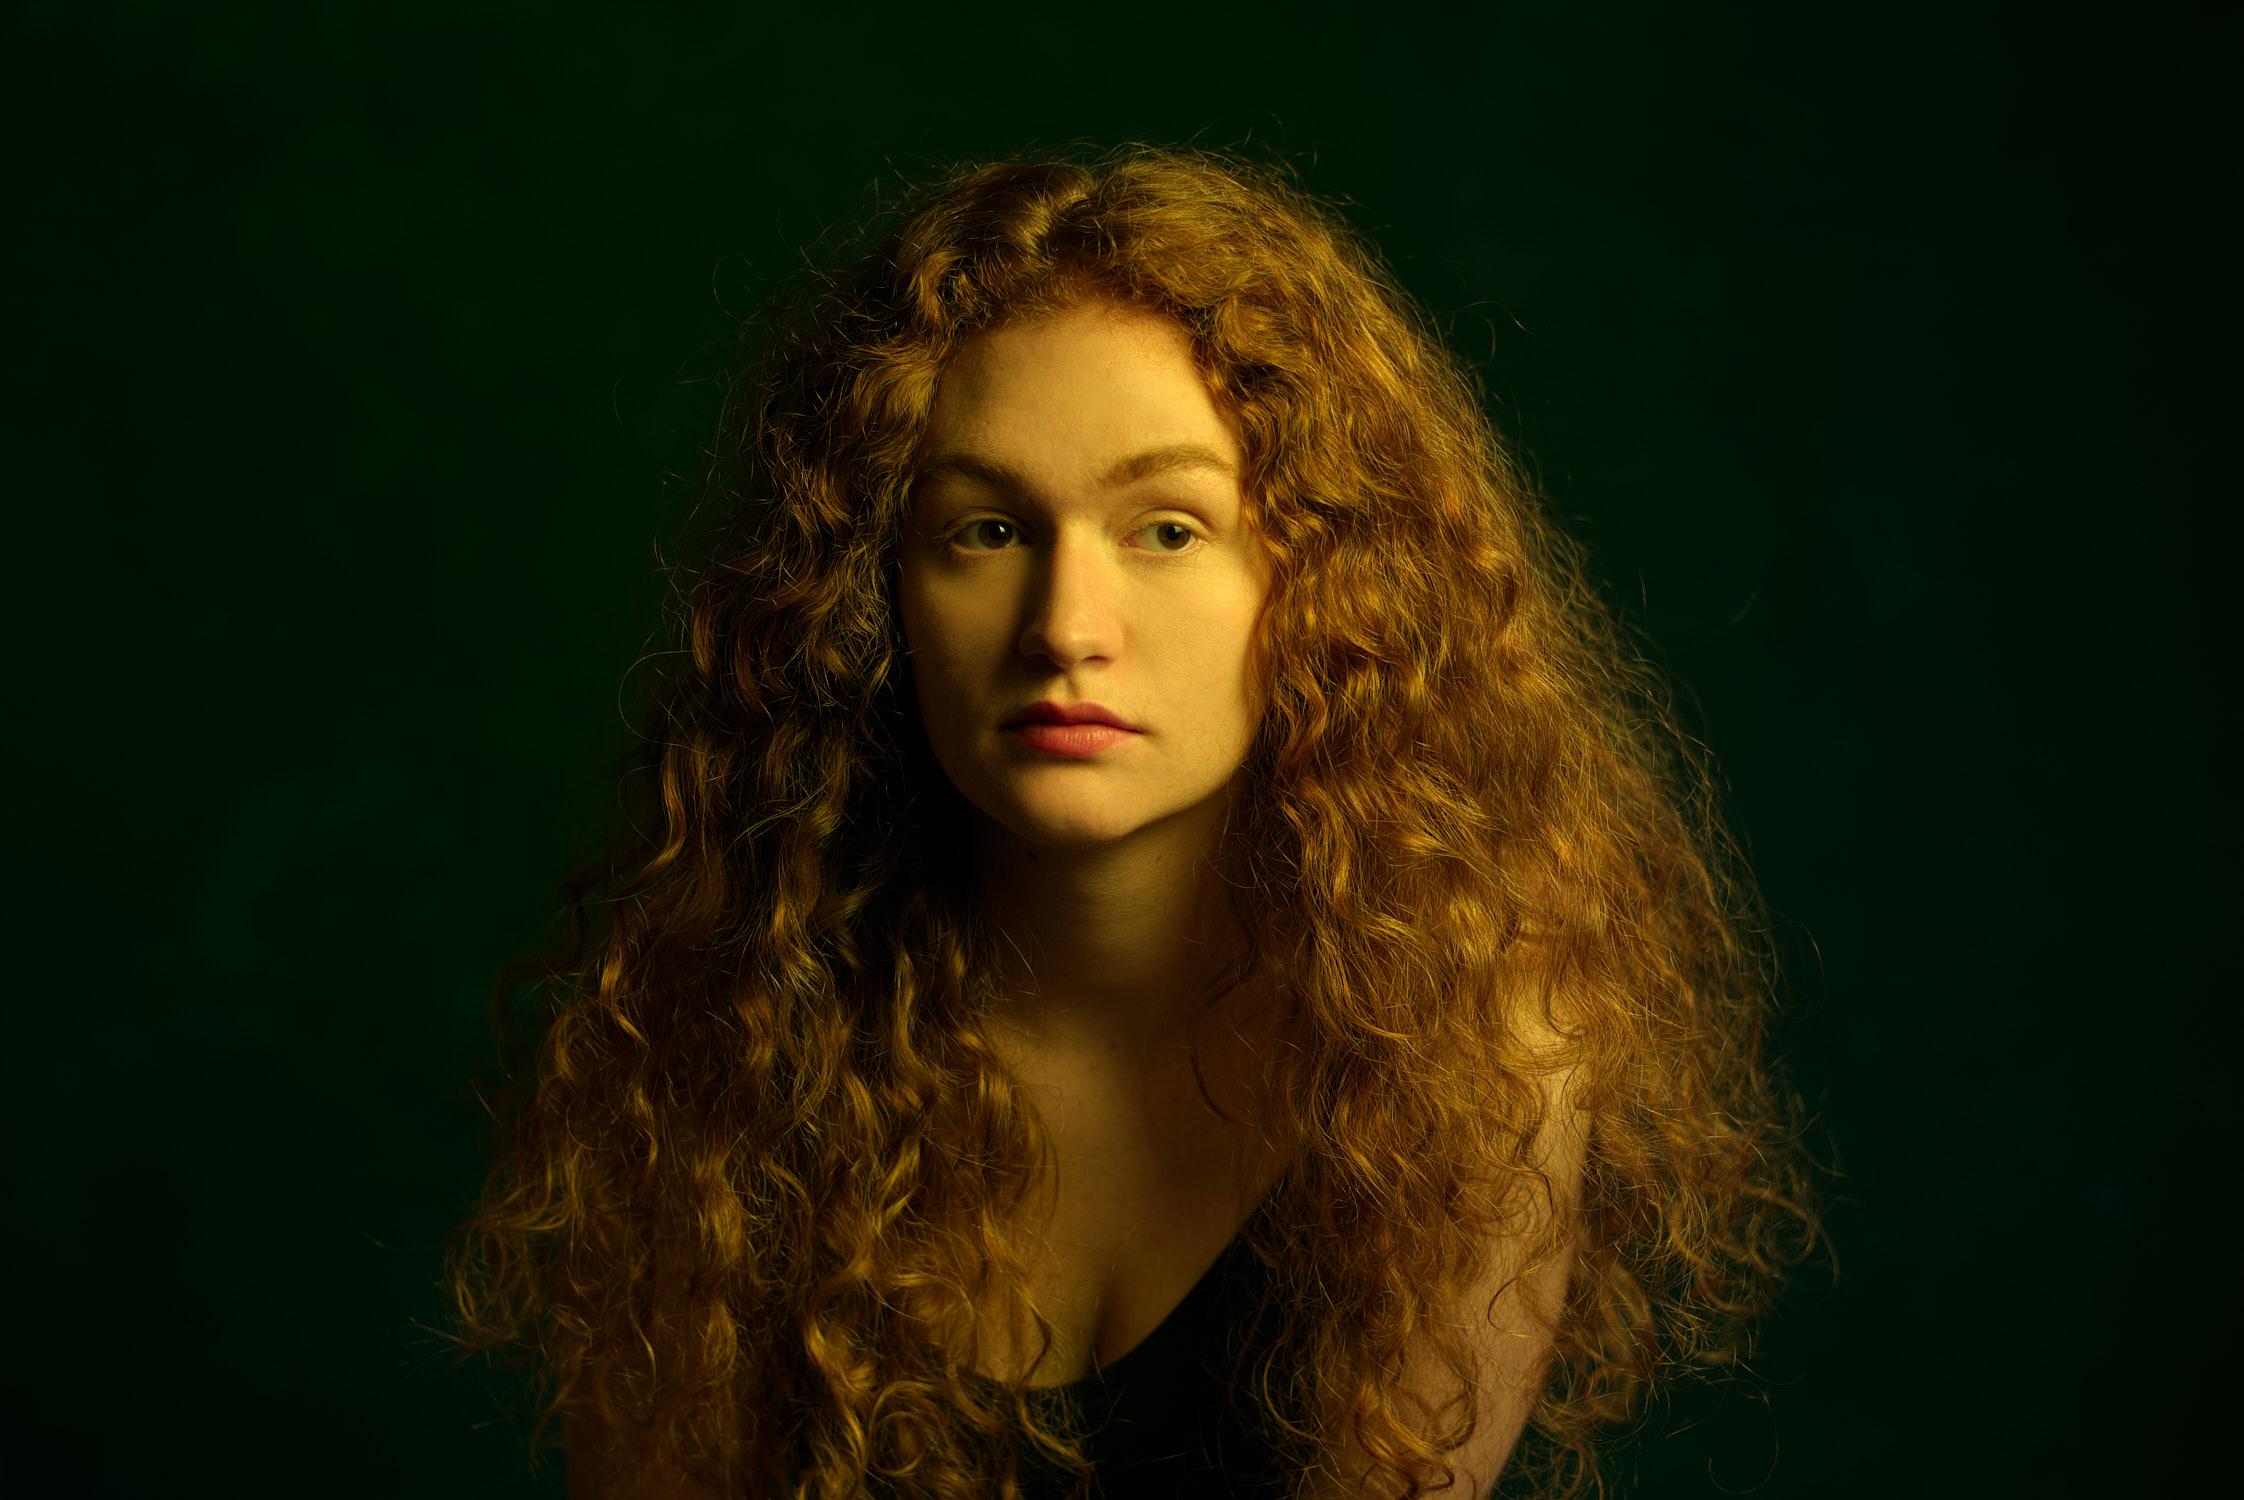 Noelle Fleckenstein kreativ fotografiert im Studio